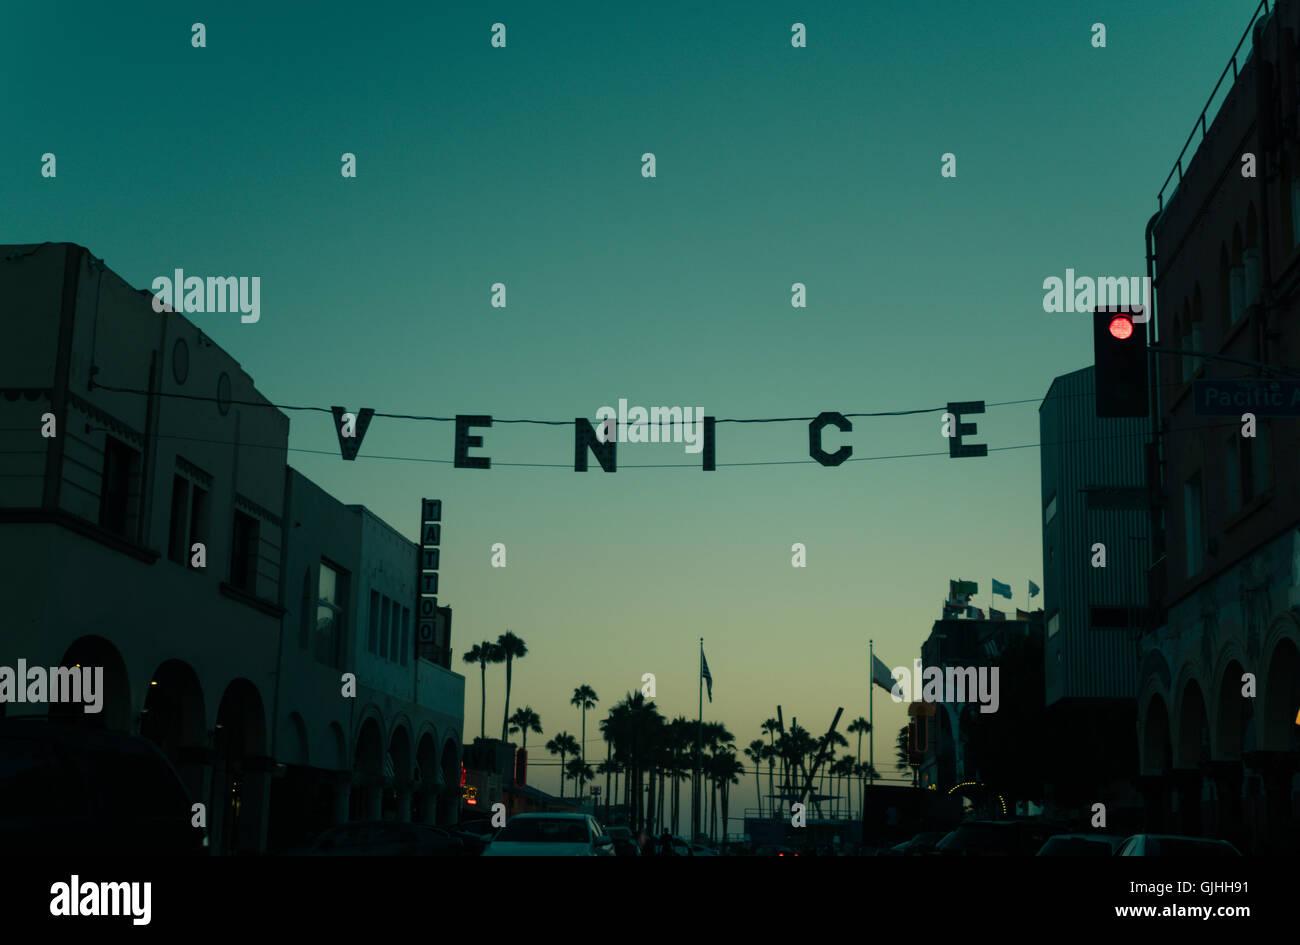 Atardecer en Venice Beach, California, Estados Unidos, EE.UU. Imagen De Stock